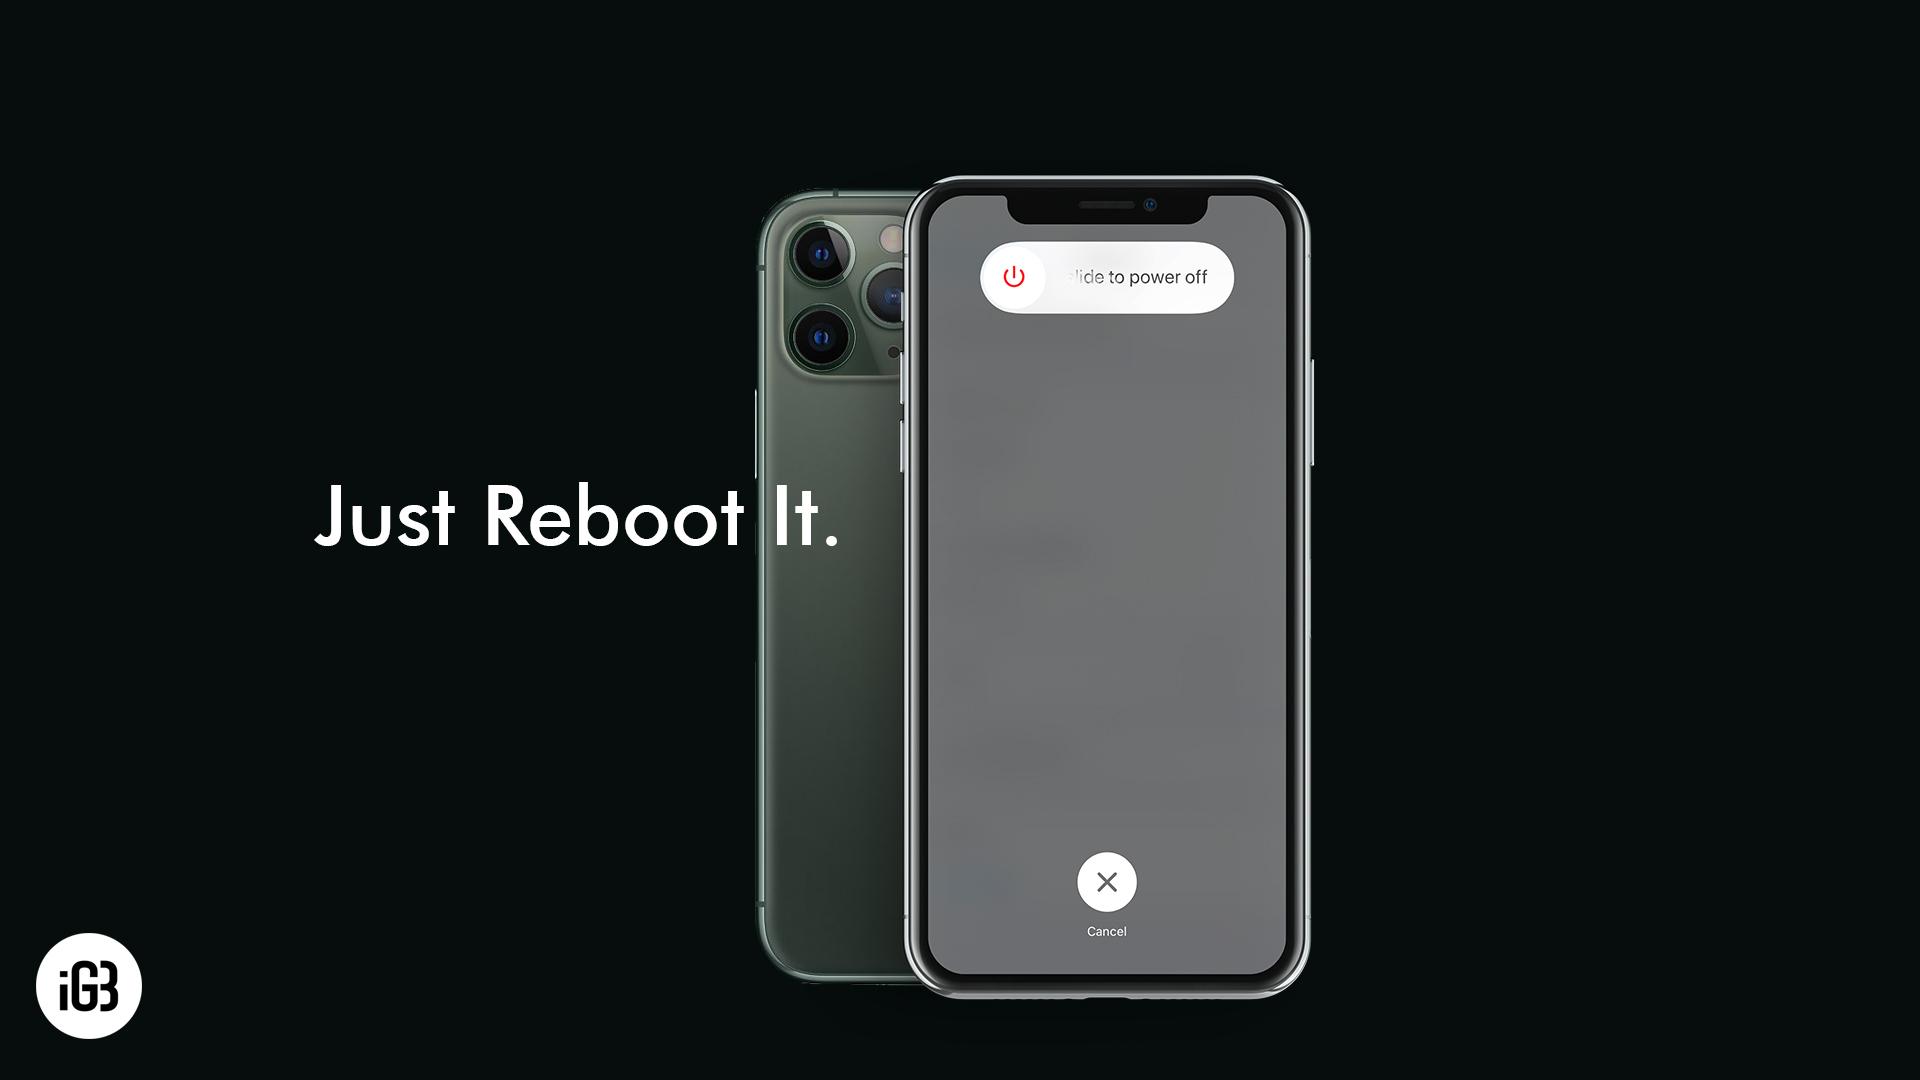 Как принудительно перезагрузить или перезагрузить iPhone 11, 11 Pro и 11 Pro Max